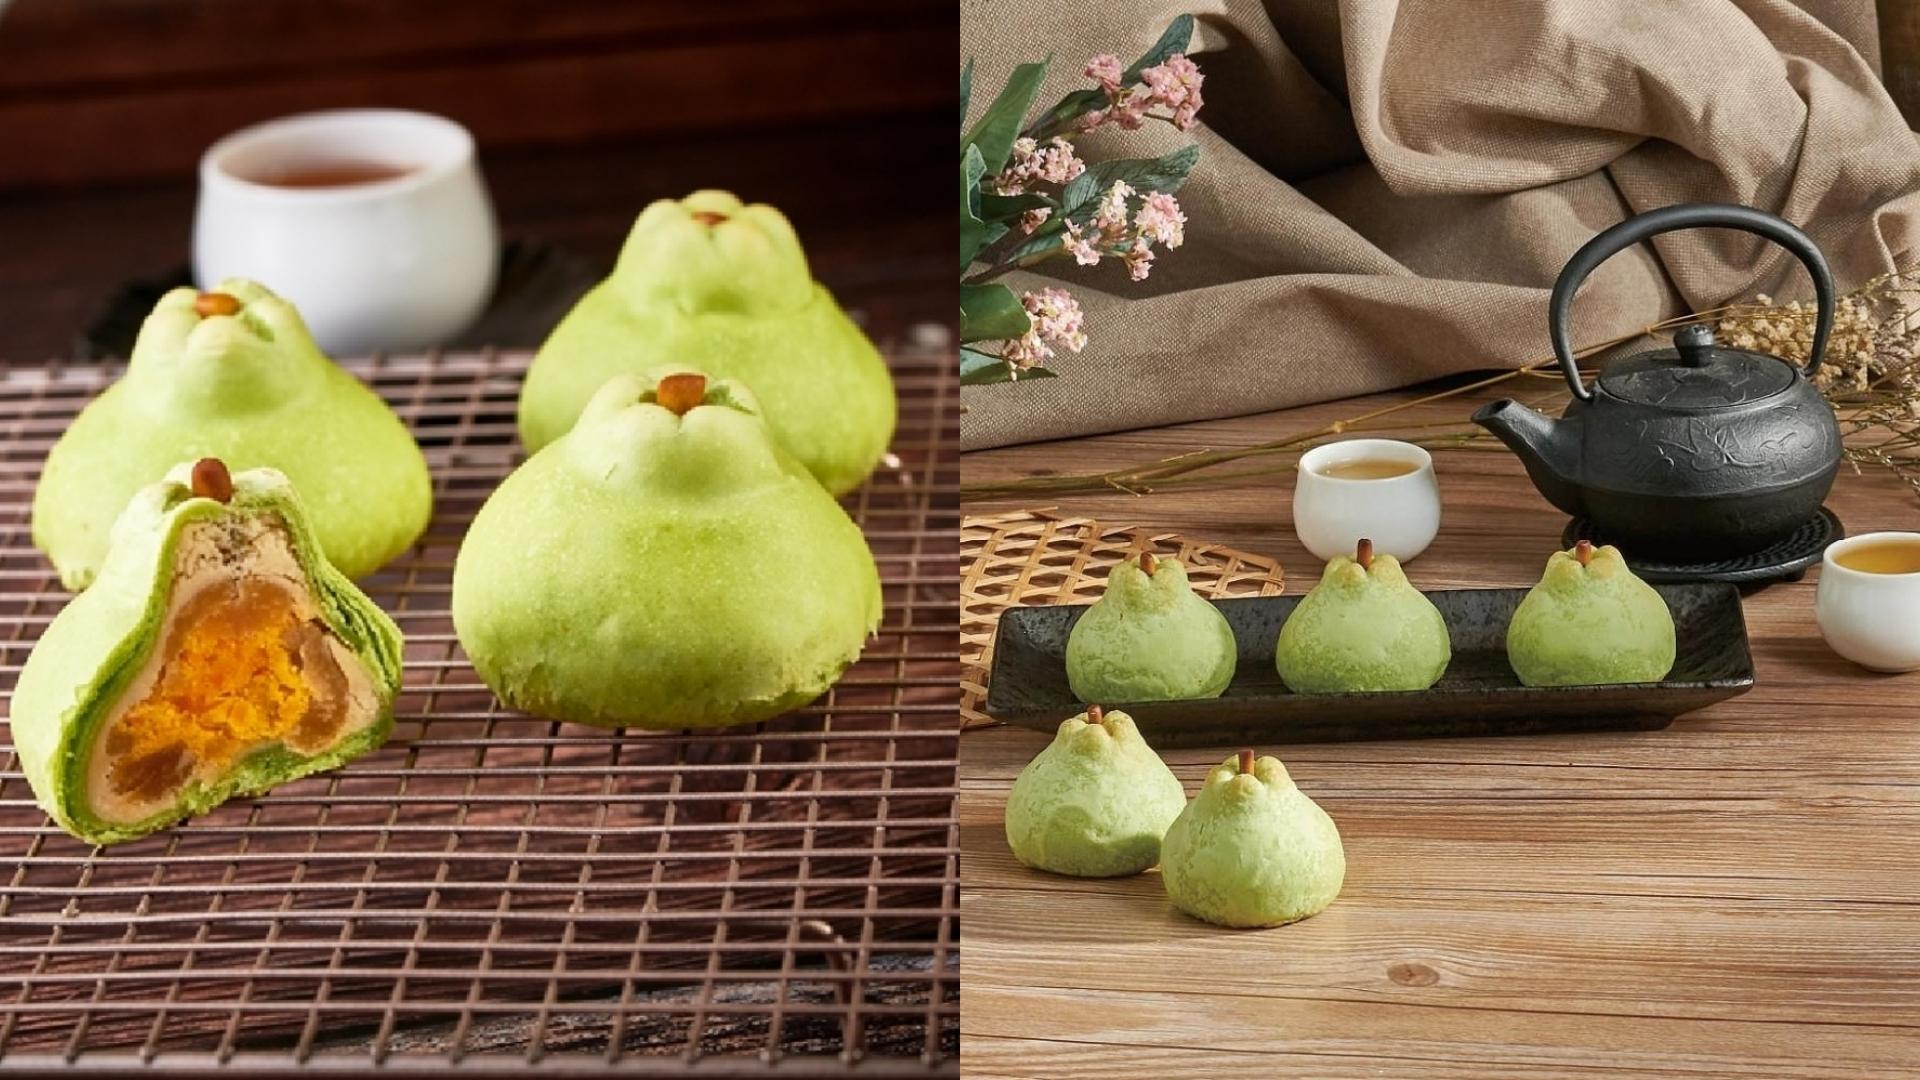 把蛋黃酥做成超級可愛的柚子造型,難怪可以蟬聯人氣王的寶座!而且外面的柚子造型還不只是好看而已,甚至吃起來還有柚子香氣!